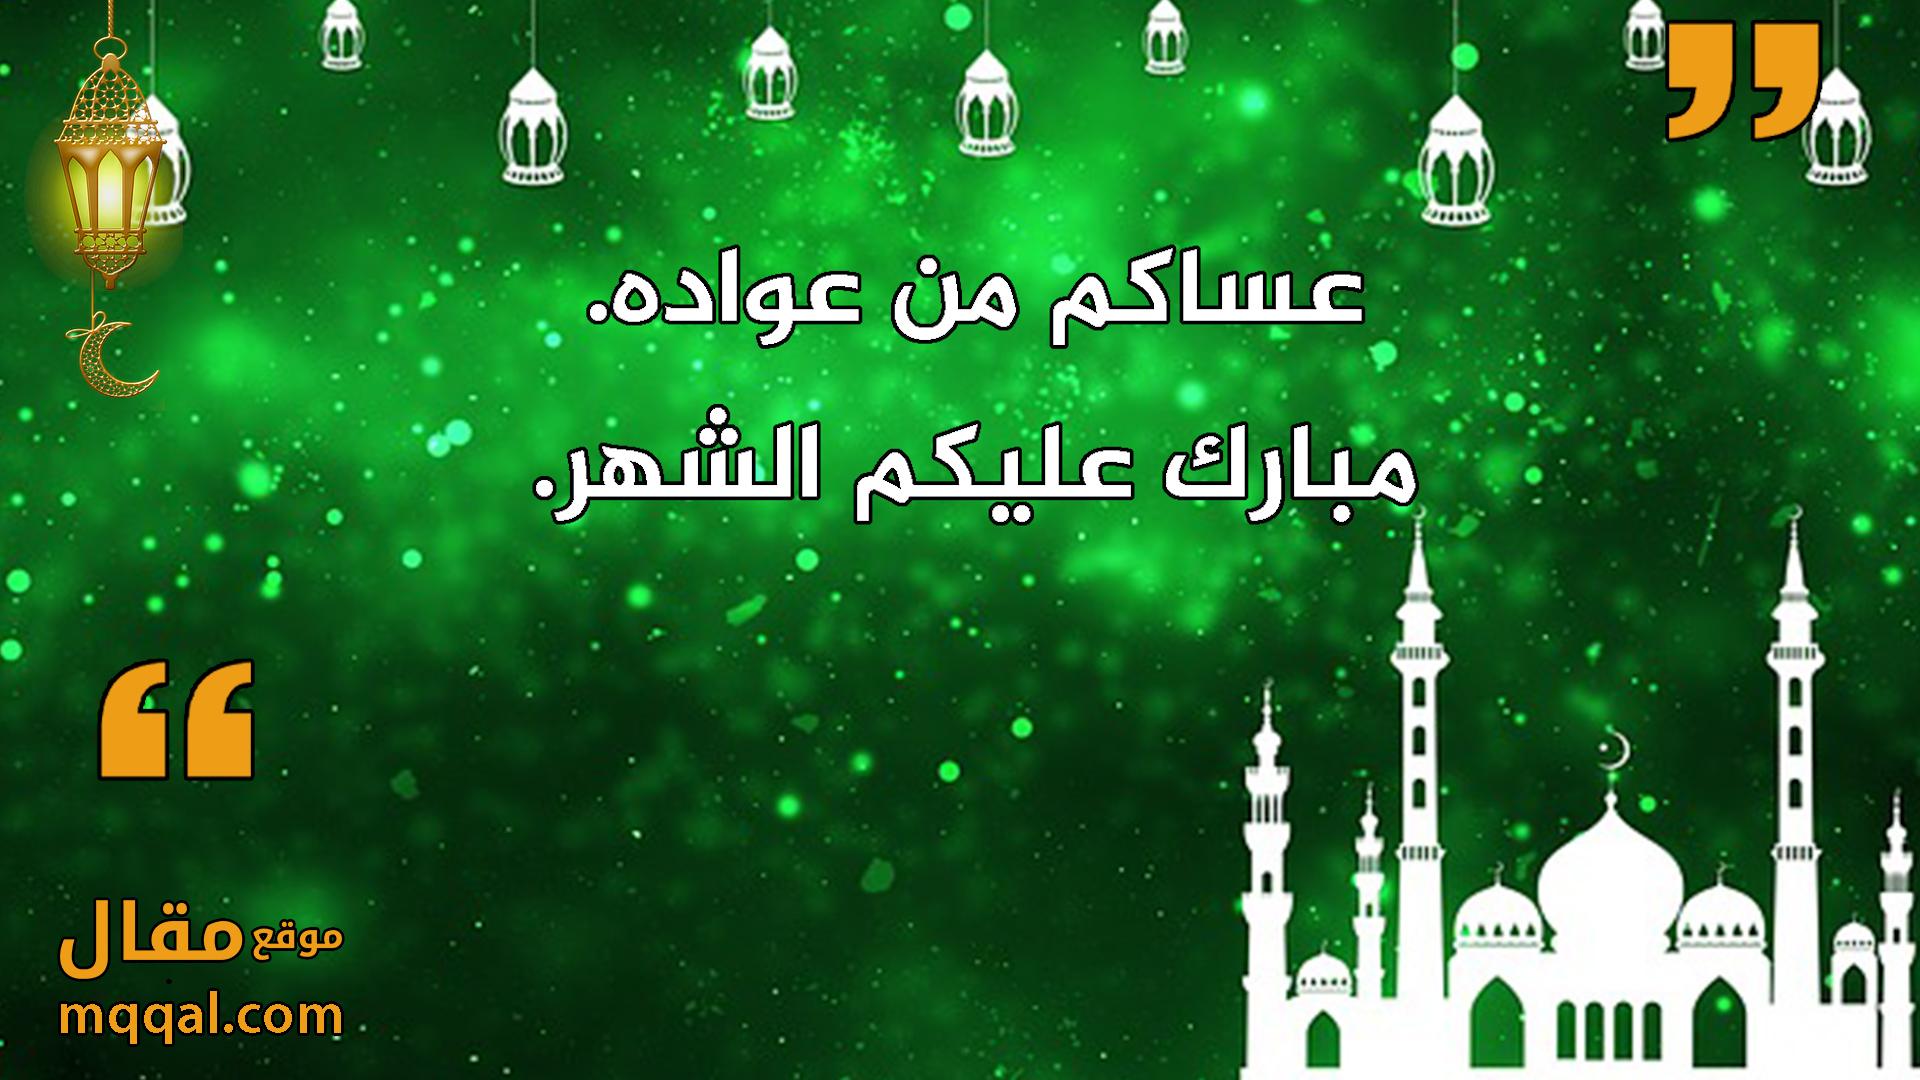 صور هل هلالك يا رمضان شهر الرحمة والغفران. - رمضان كريم من السعودية